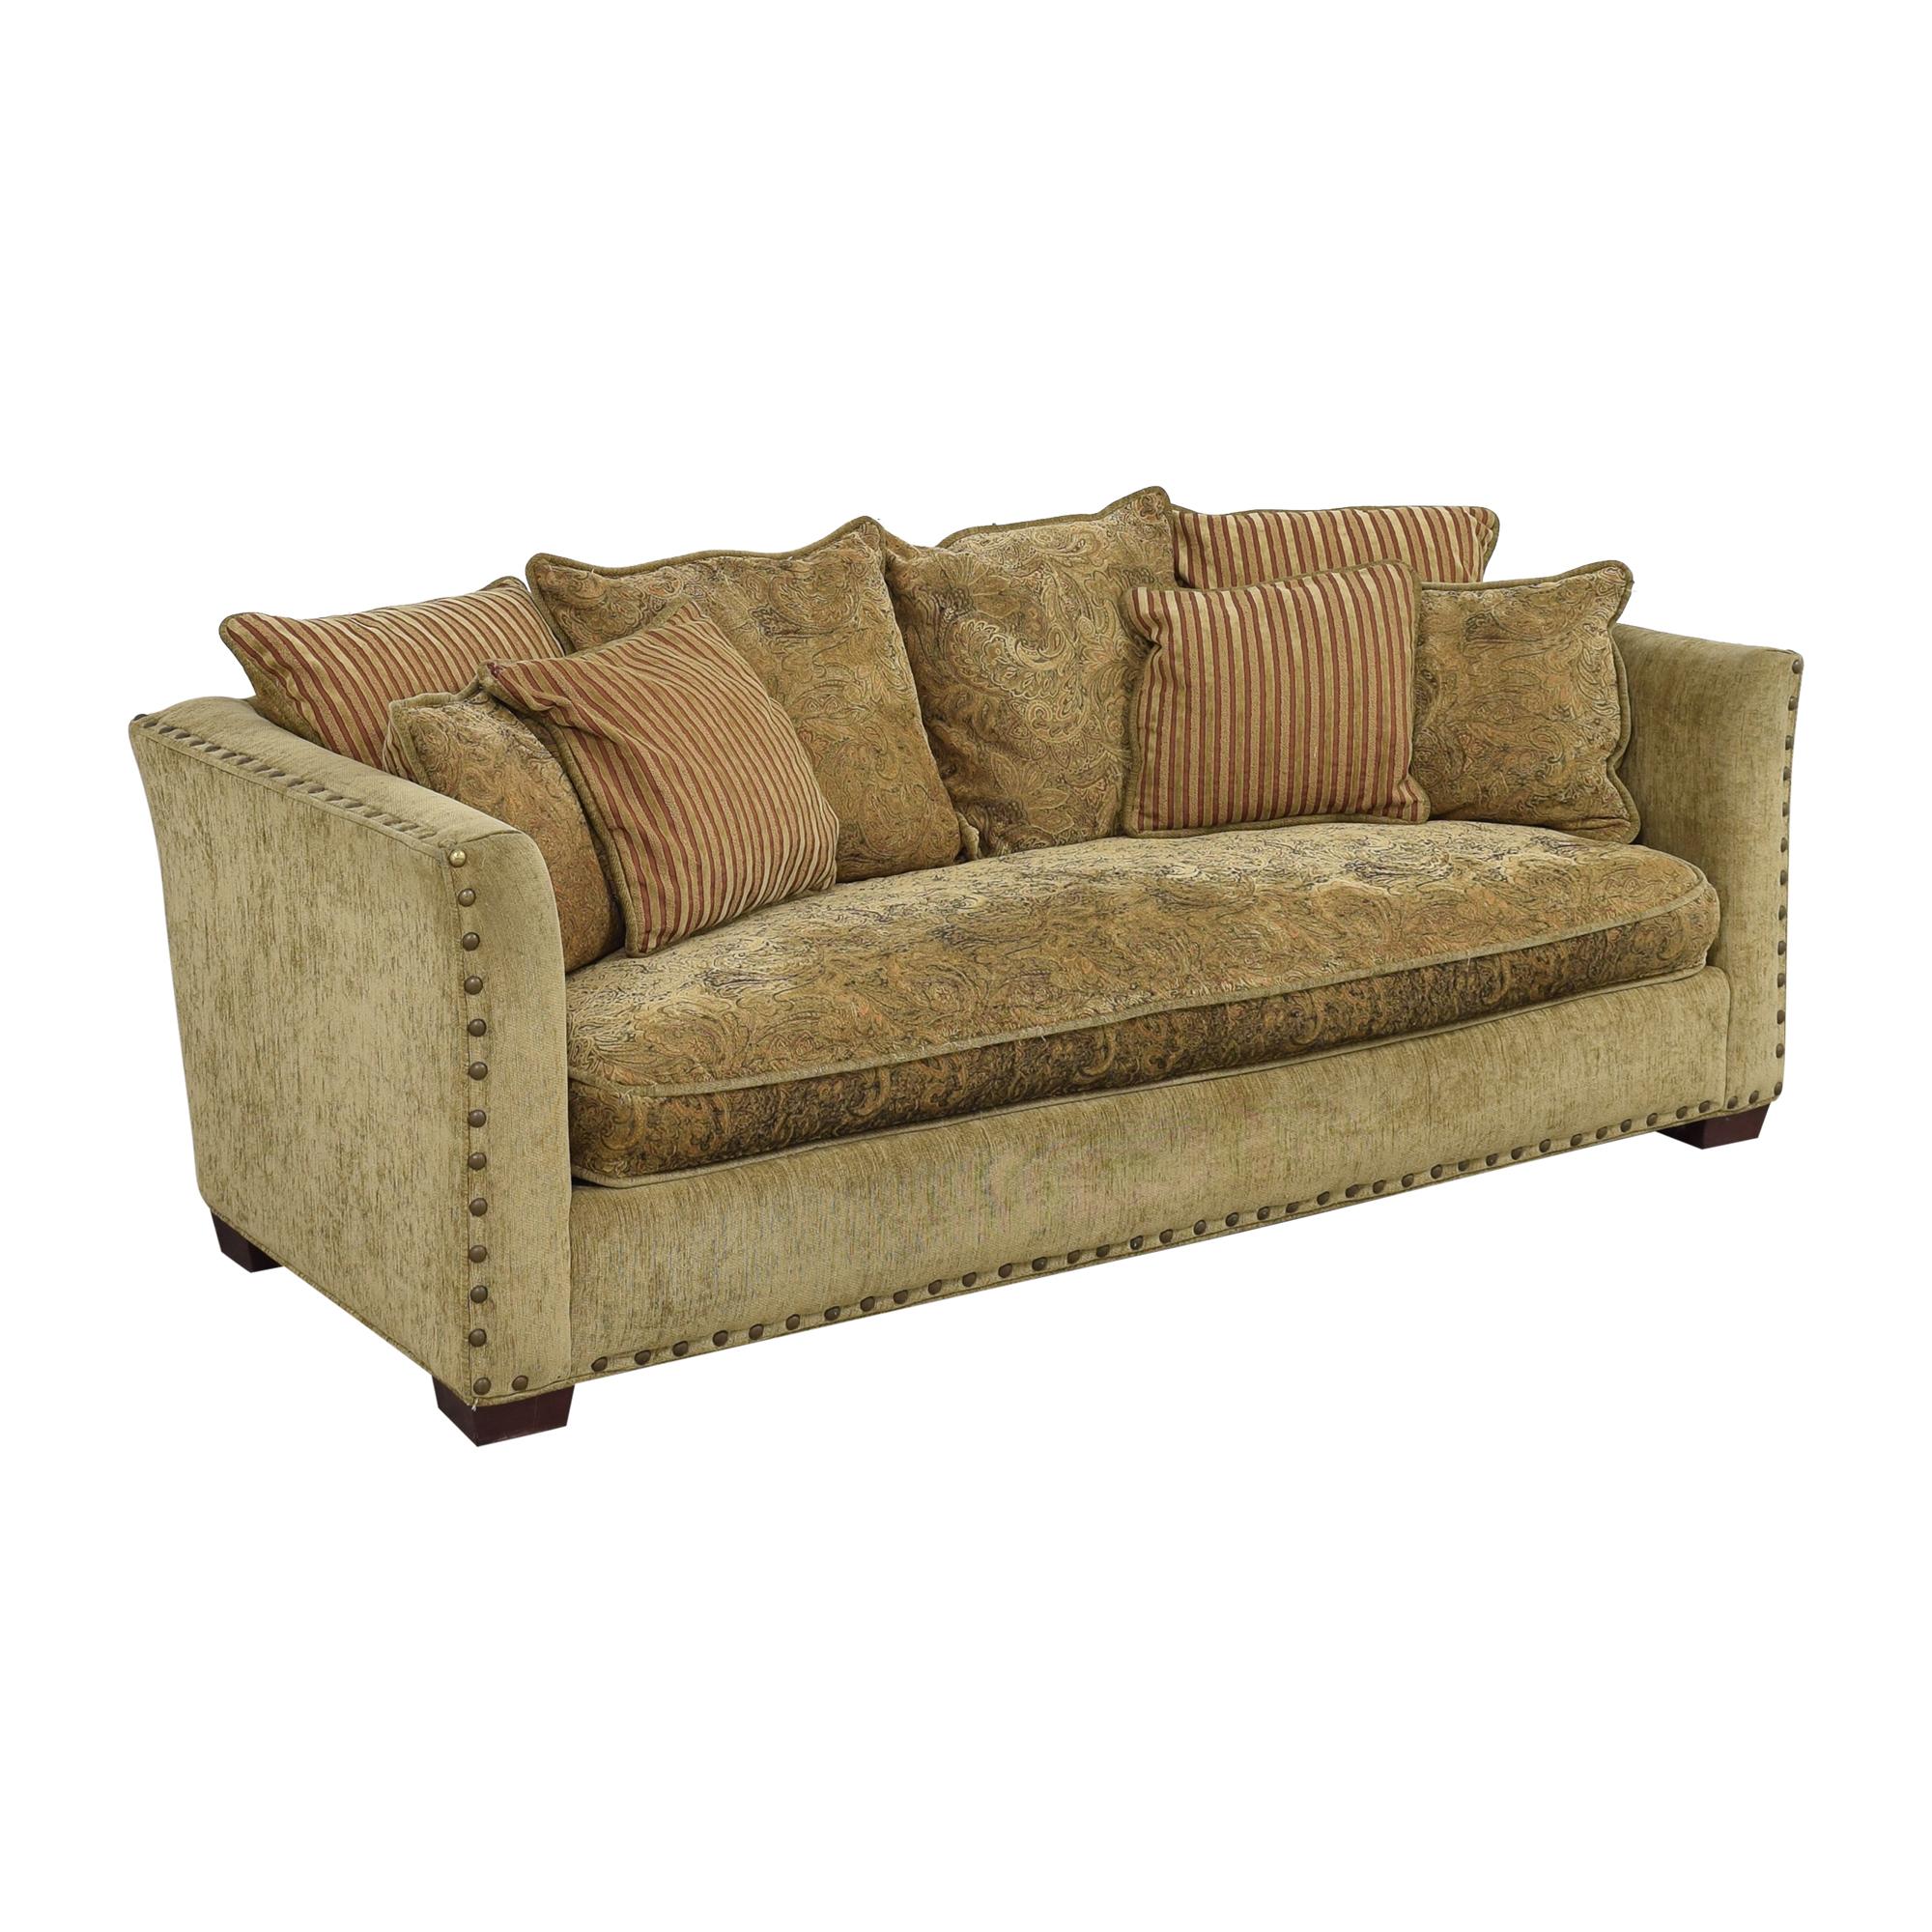 Robin Bruce Robin Bruce Bench Cushion Sofa Classic Sofas